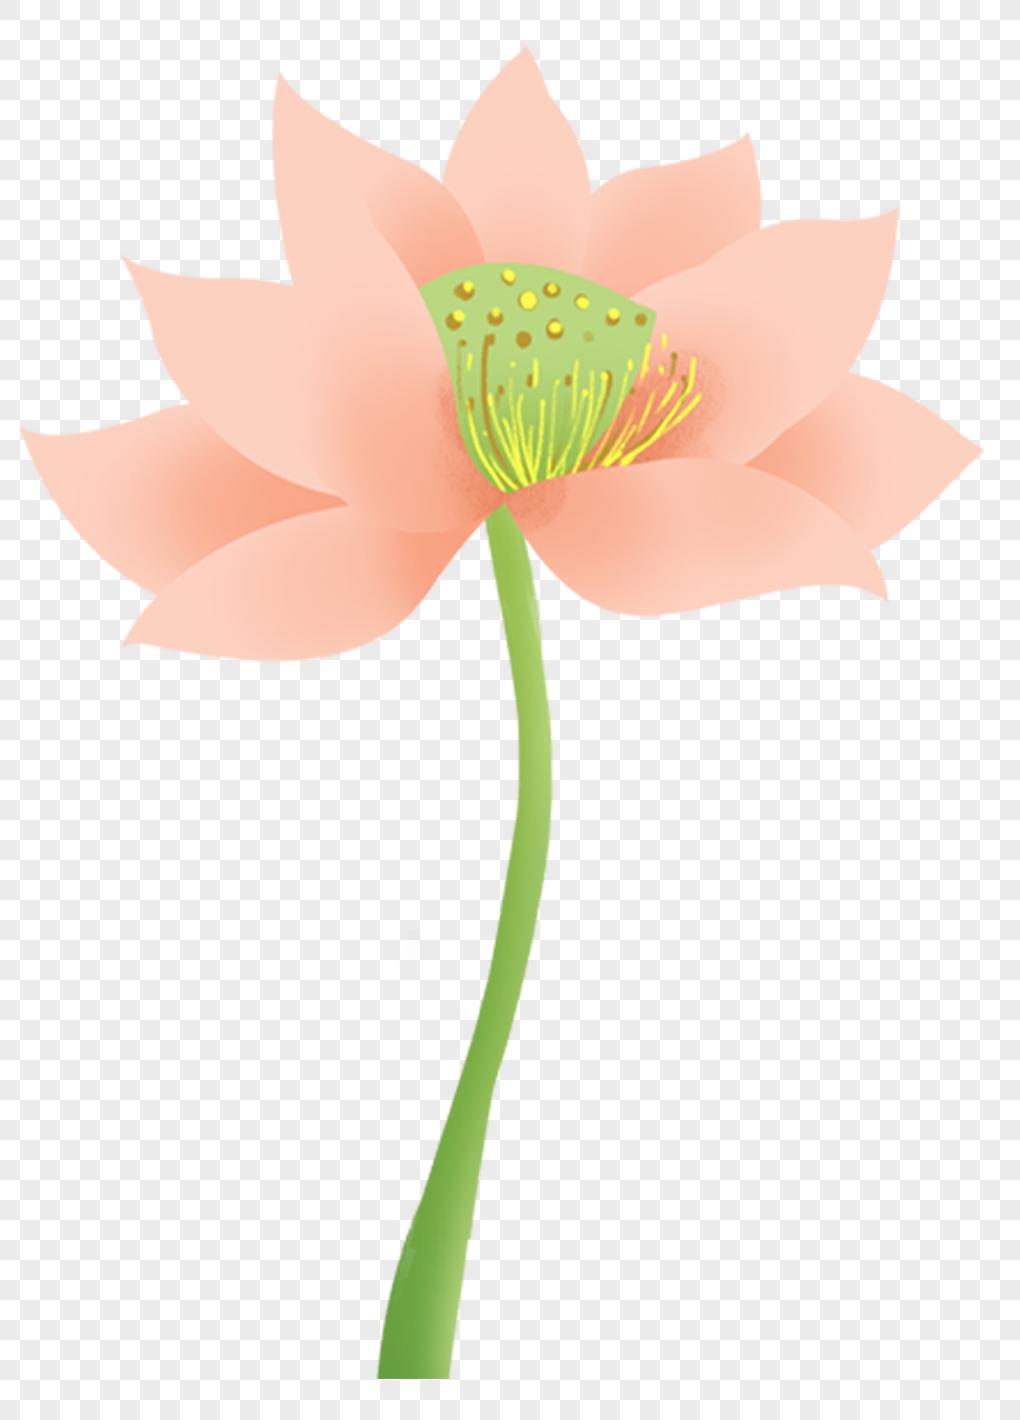 Lotus flower png imagepicture free download 400222658lovepik lotus flower izmirmasajfo